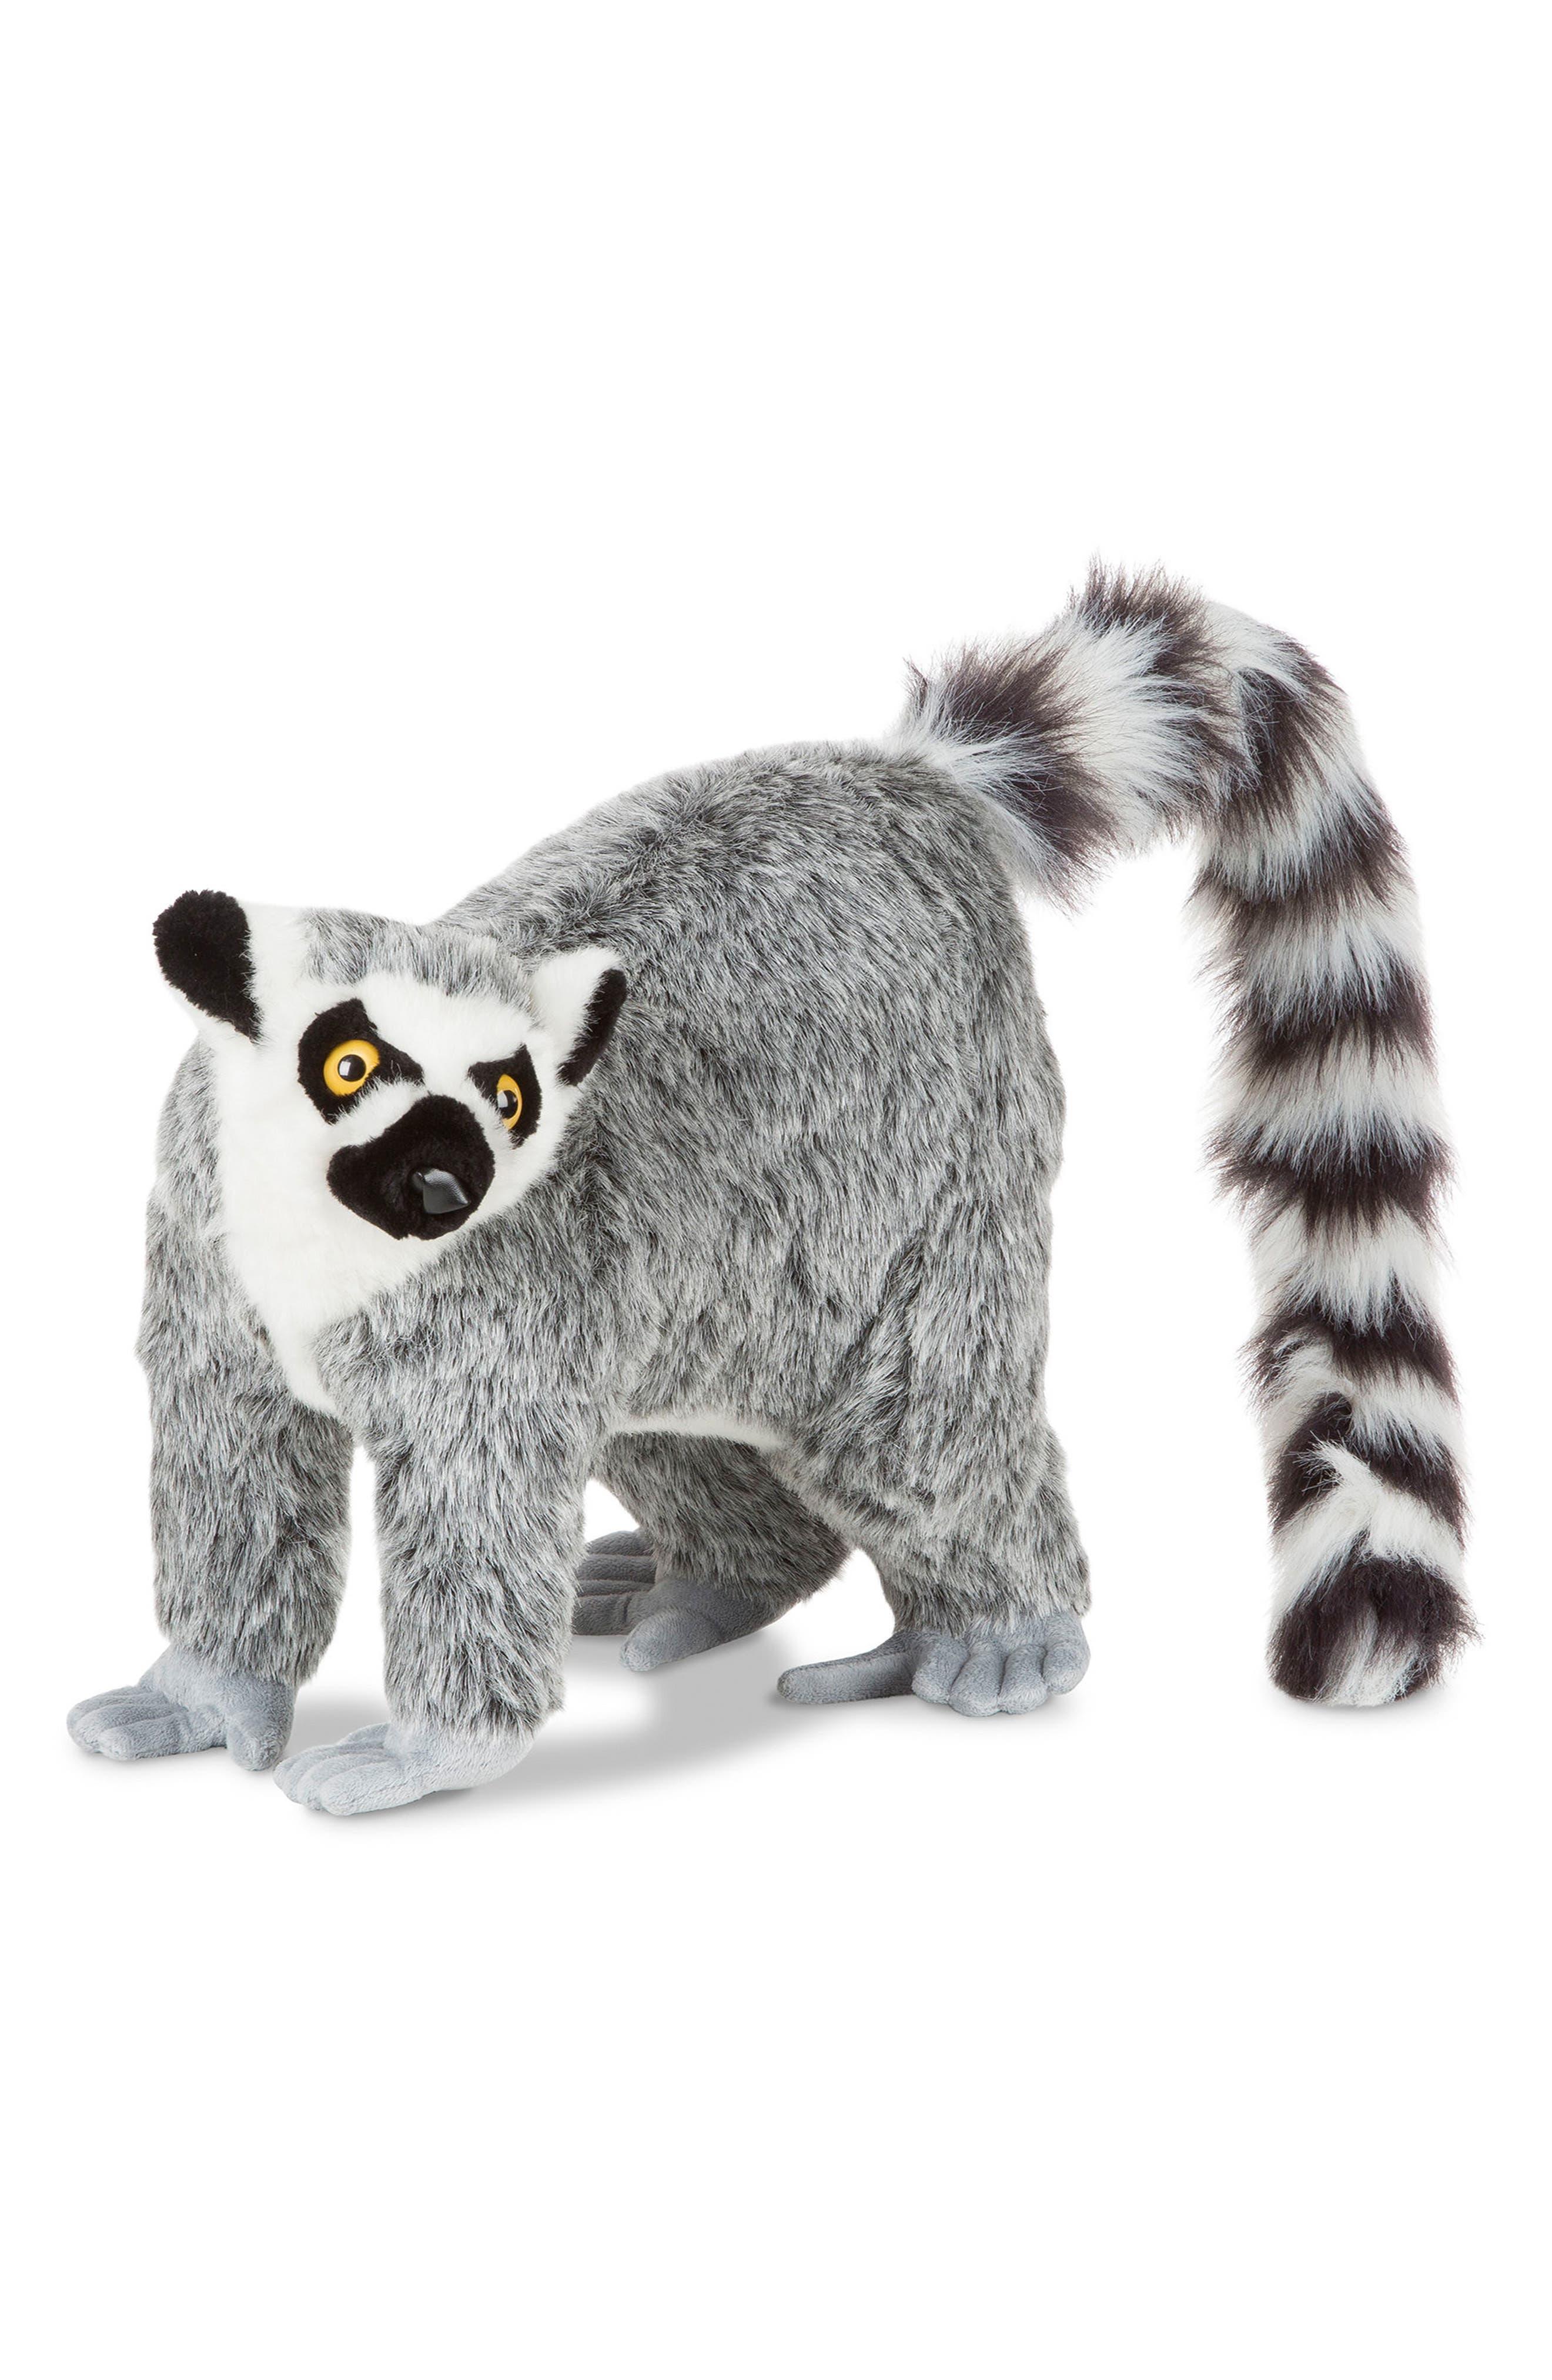 Alternate Image 1 Selected - Melissa & Doug Lemur Stuffed Animal